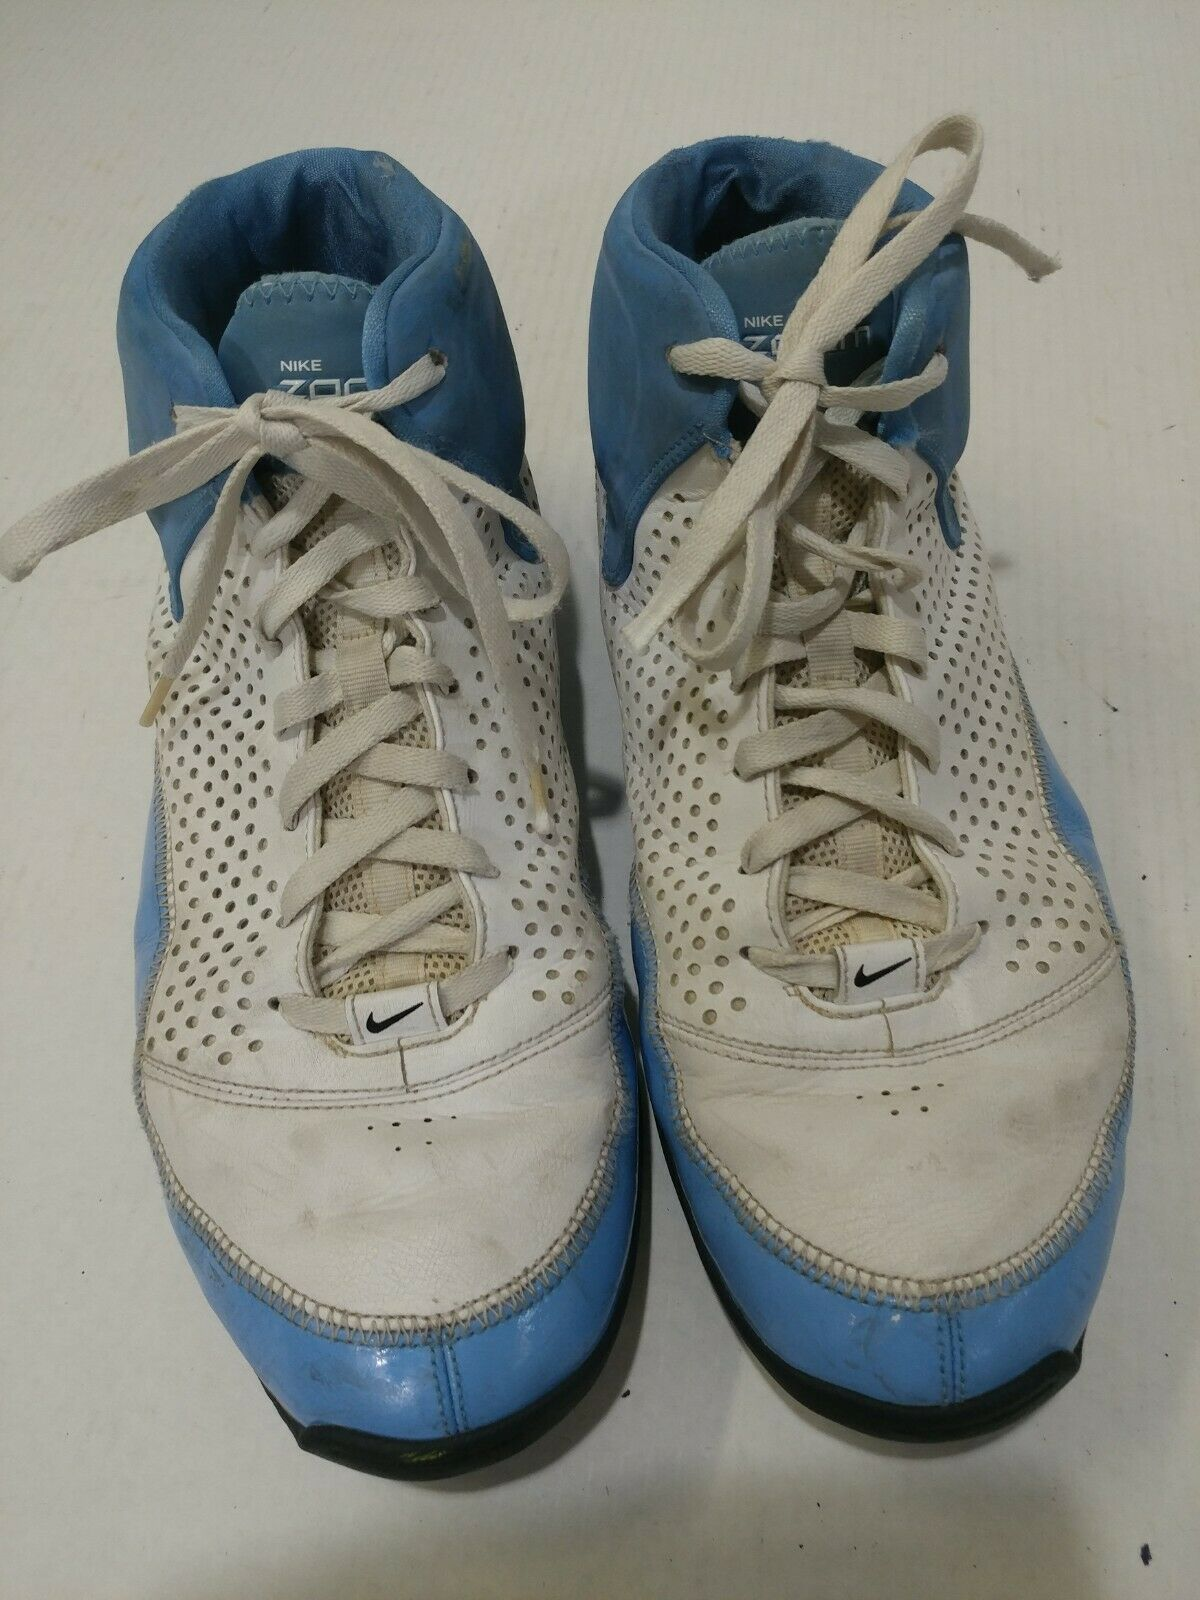 Nike zoom scarpe da basket 317993-101 uomini sz 13 13 13 | Resistenza Forte Da Calore E Resistente  6c3791